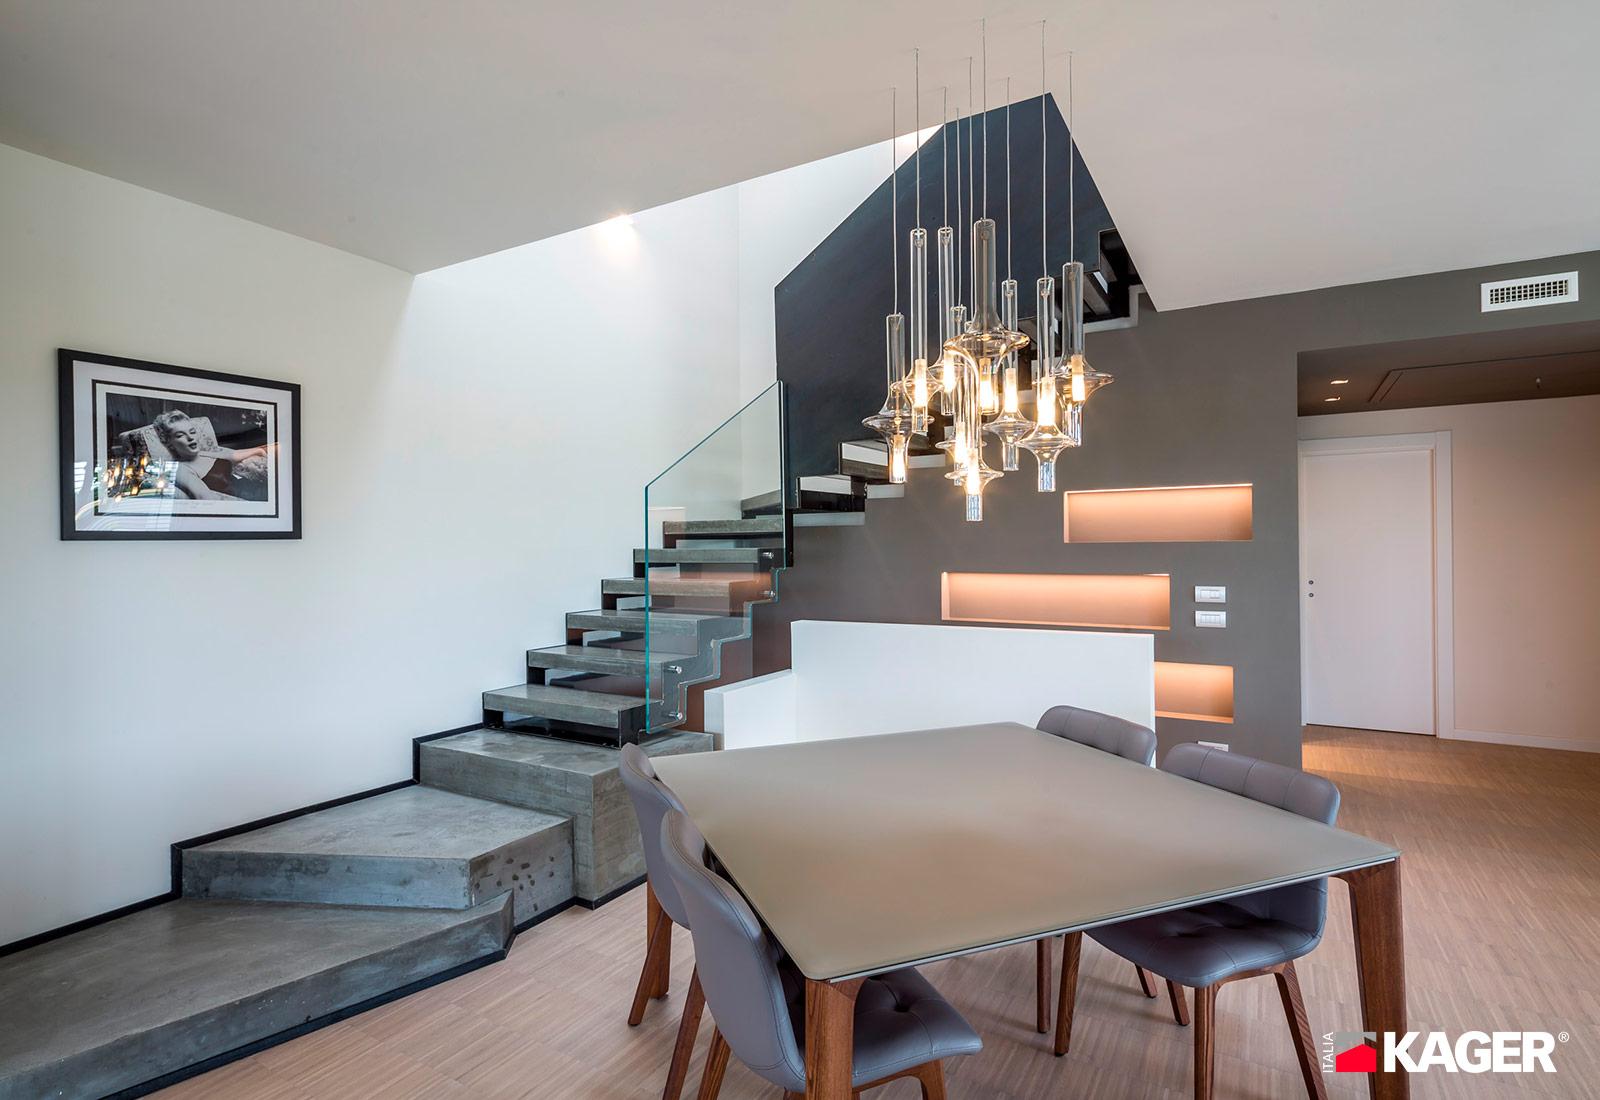 Casa-in-legno-Parma-Kager-Italia-12